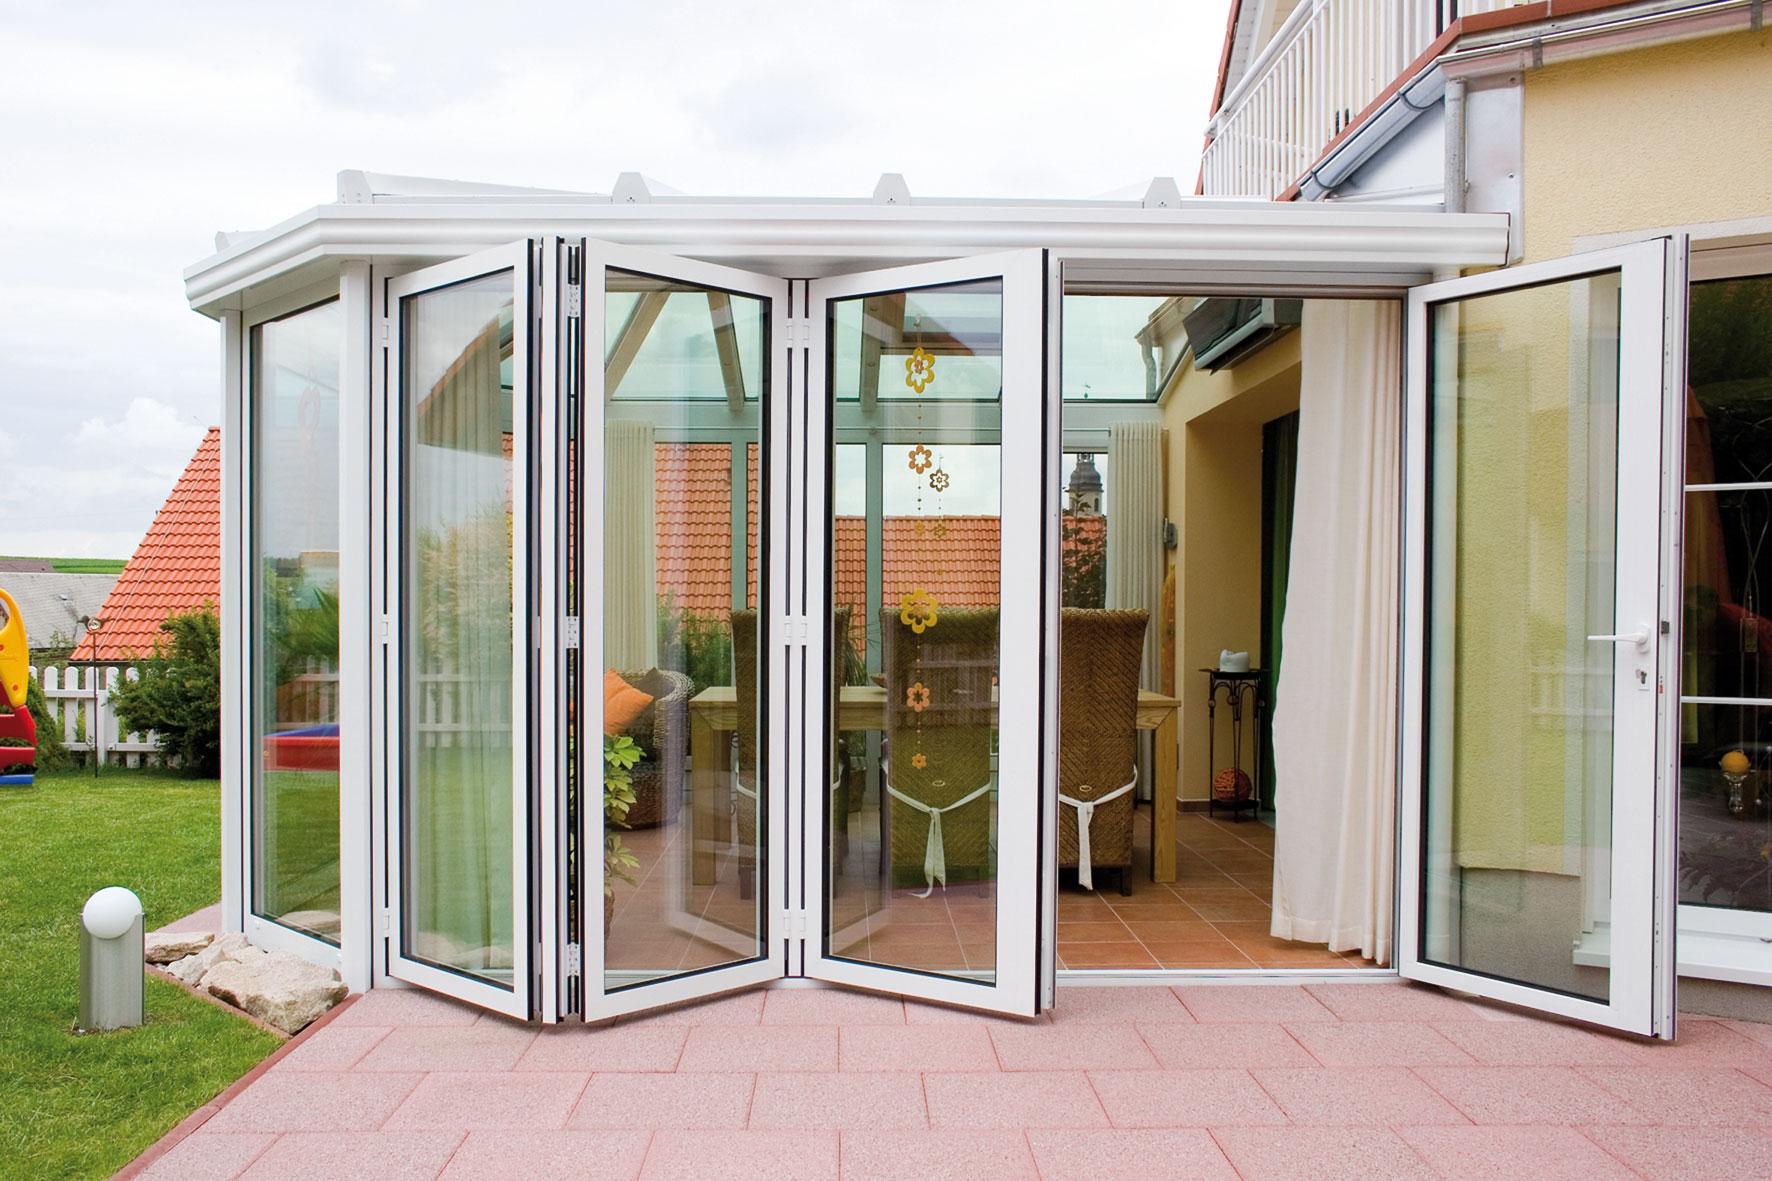 le verande di oknoplast stanze a cielo aperto da vivere. Black Bedroom Furniture Sets. Home Design Ideas